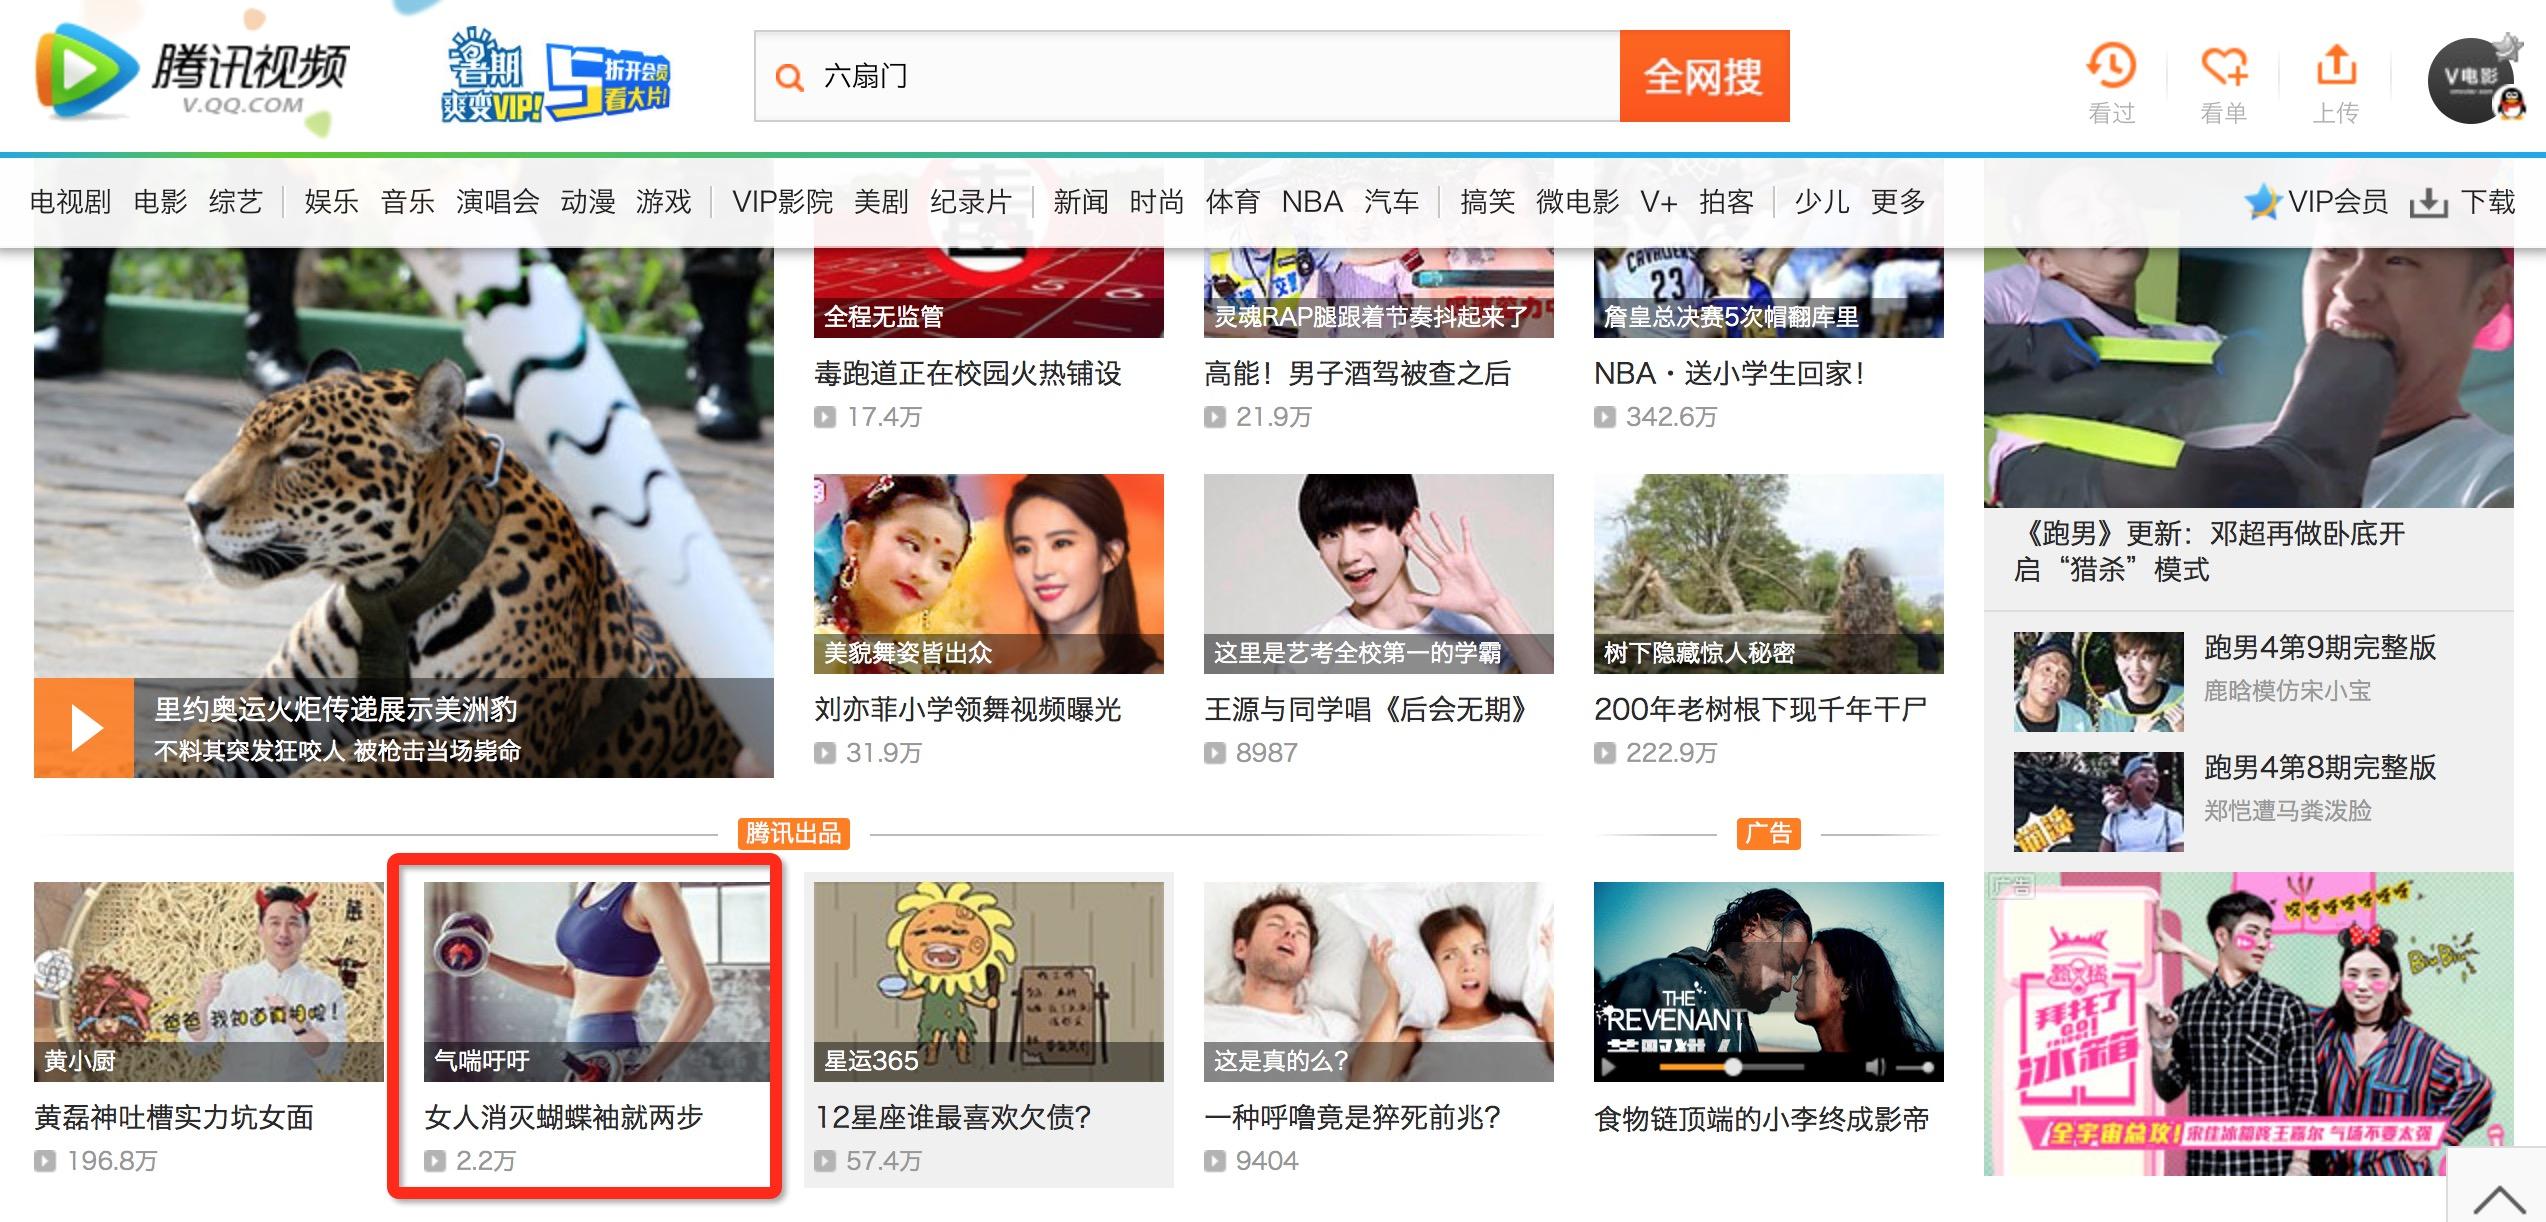 腾讯V+频道腾讯出品